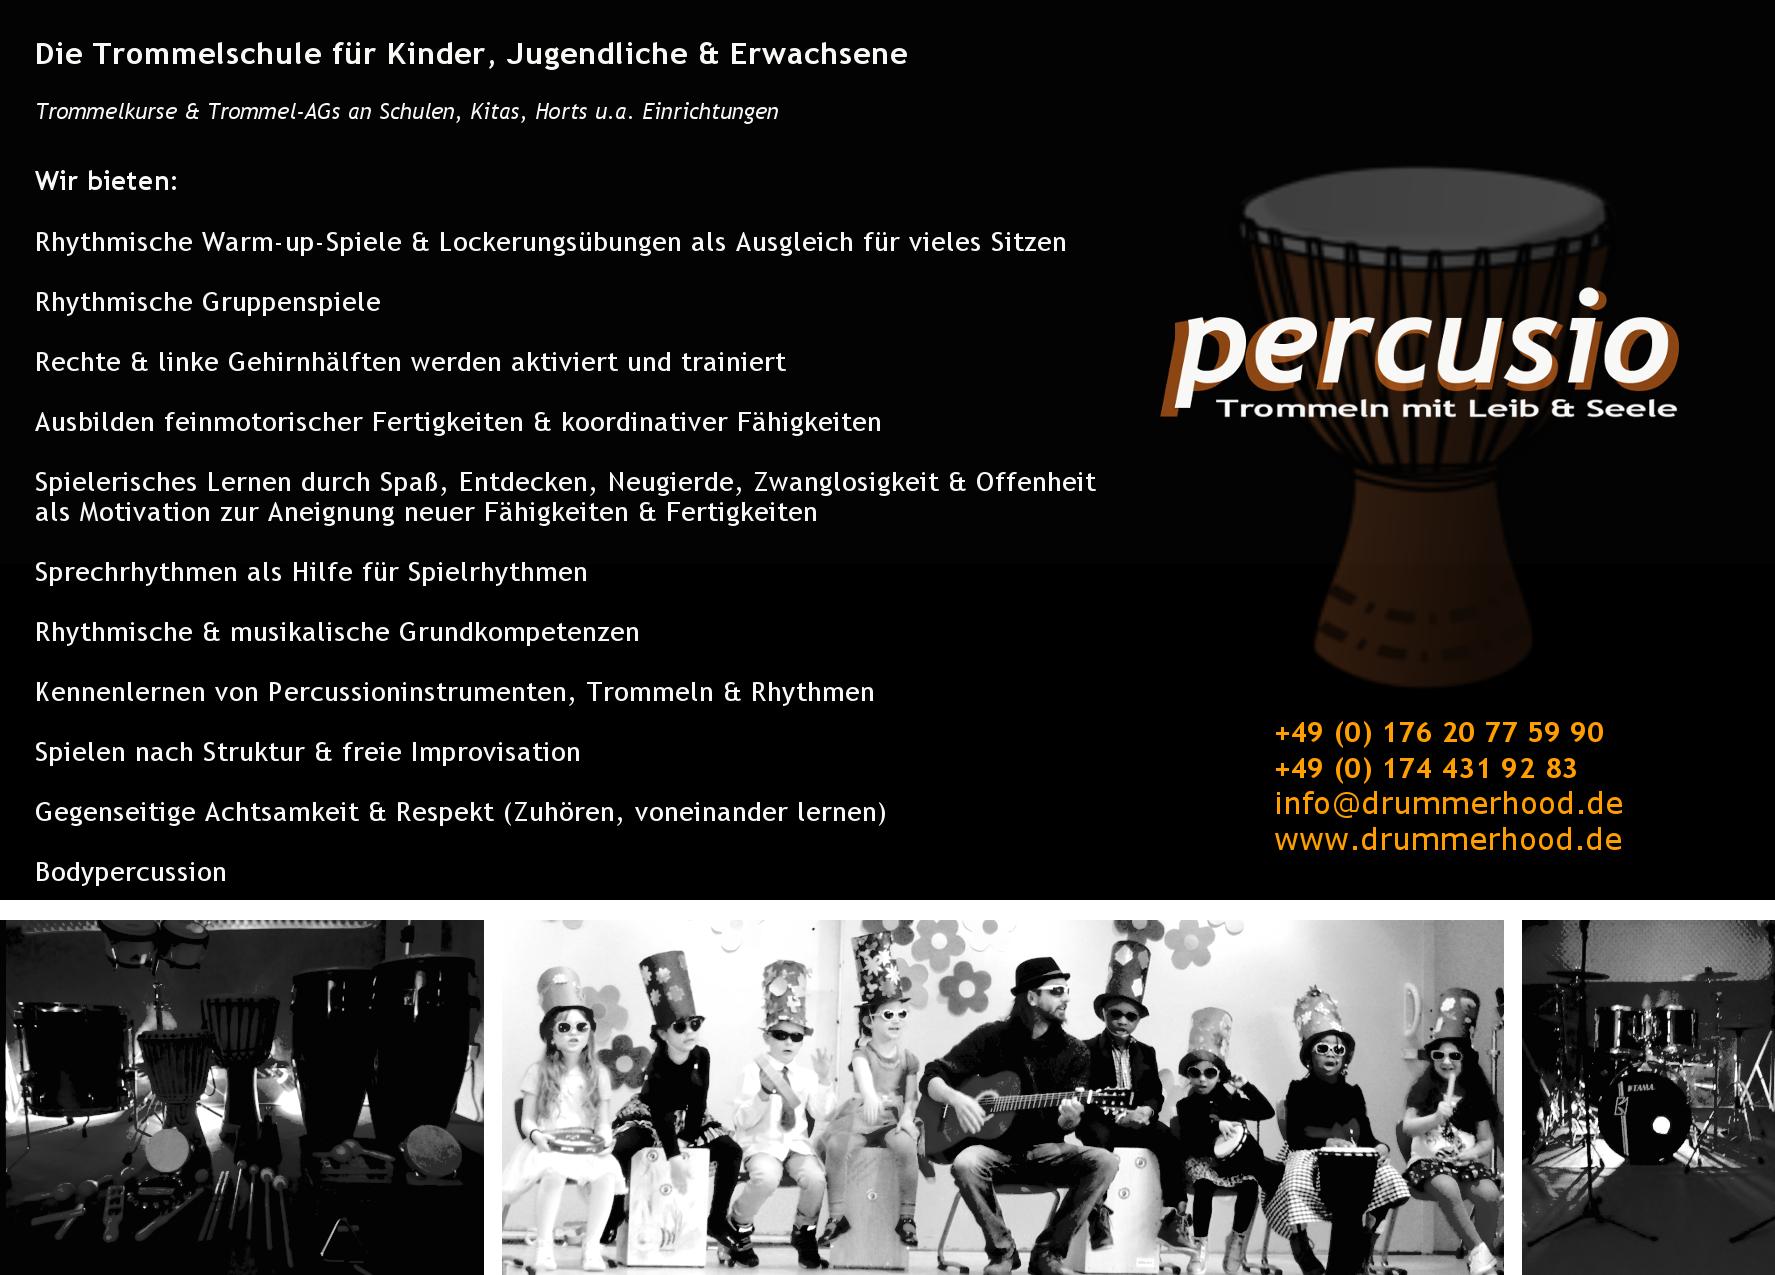 percusio Rückseite2.3